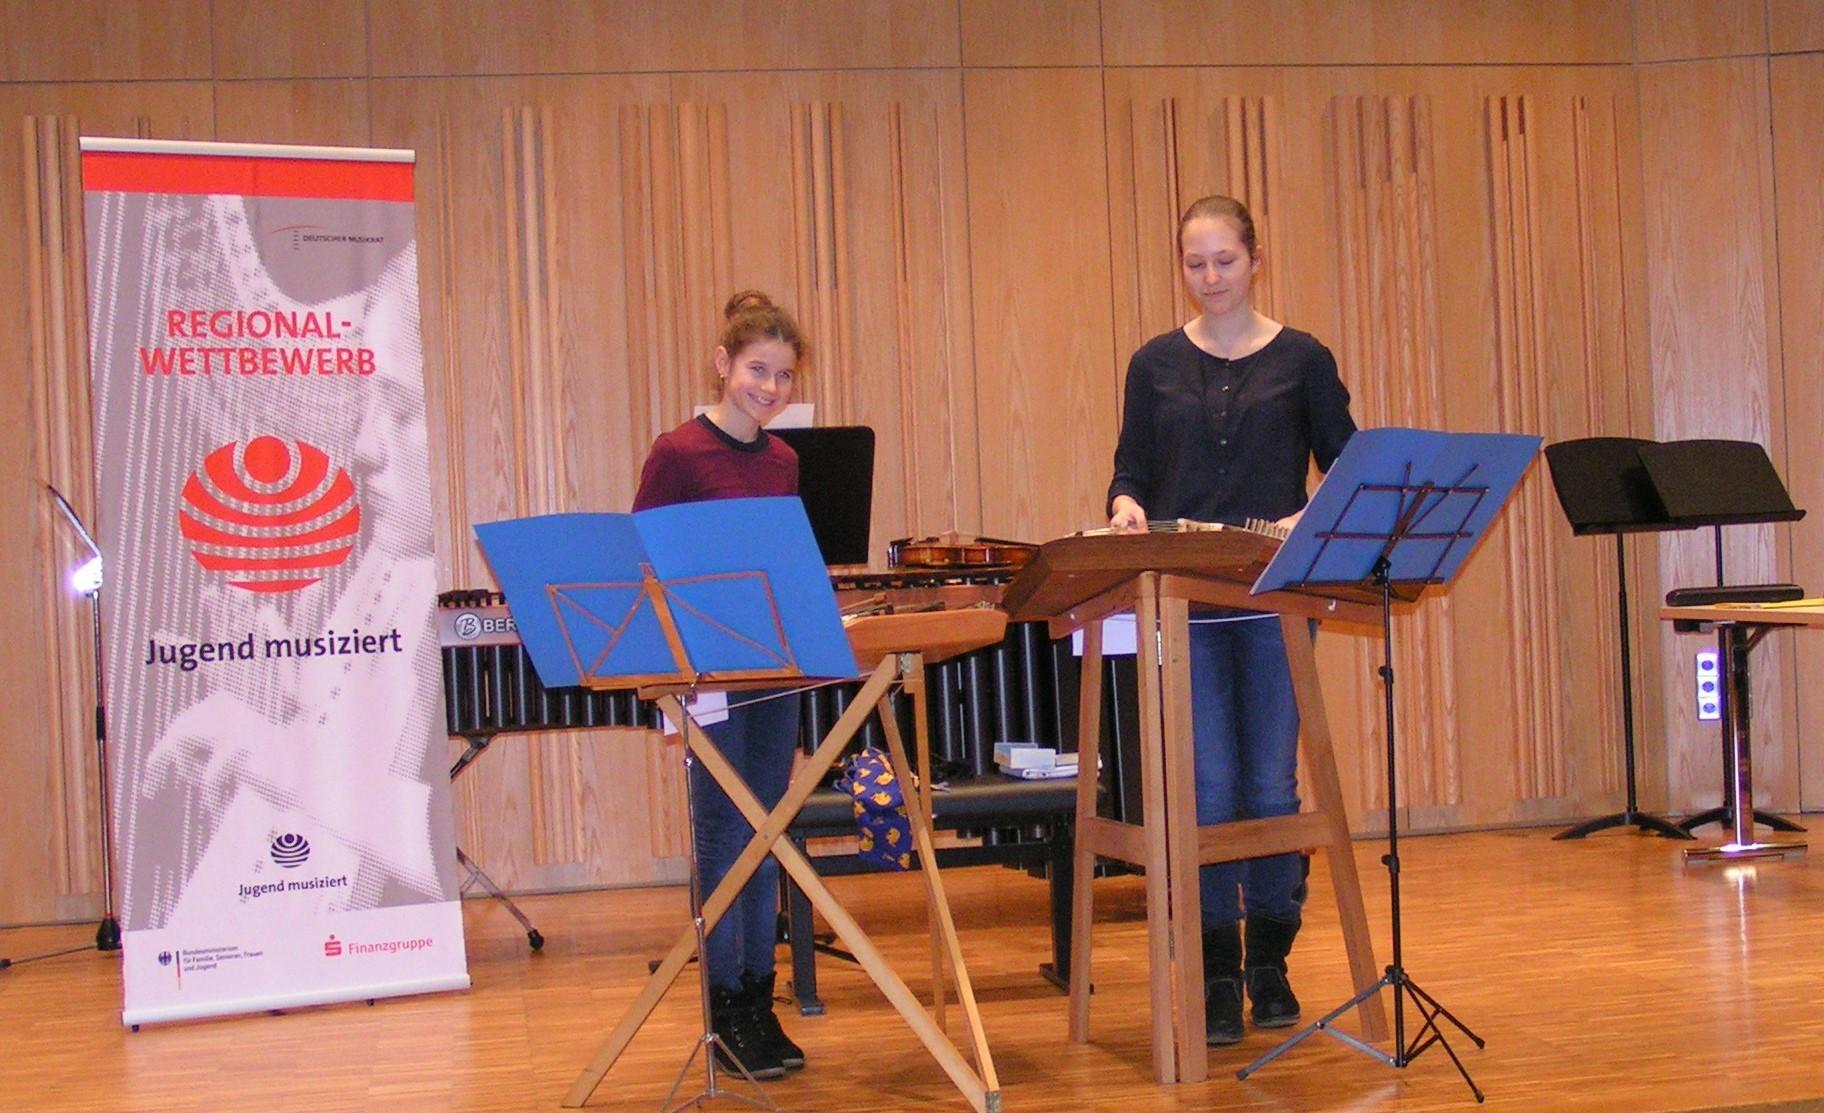 Jugend musiziert 2017 in Freiburg